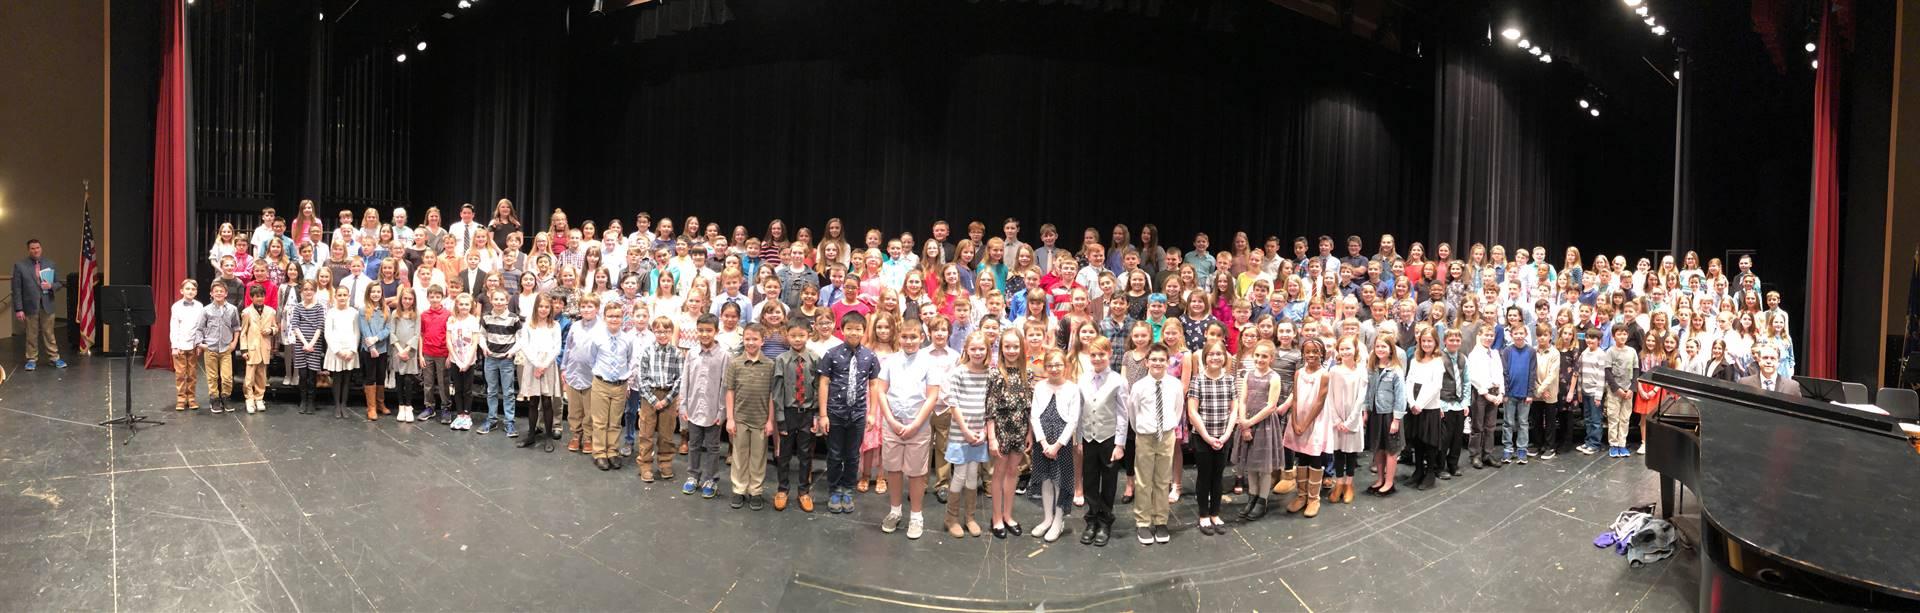 The BPSD Fourth Grade Chorus